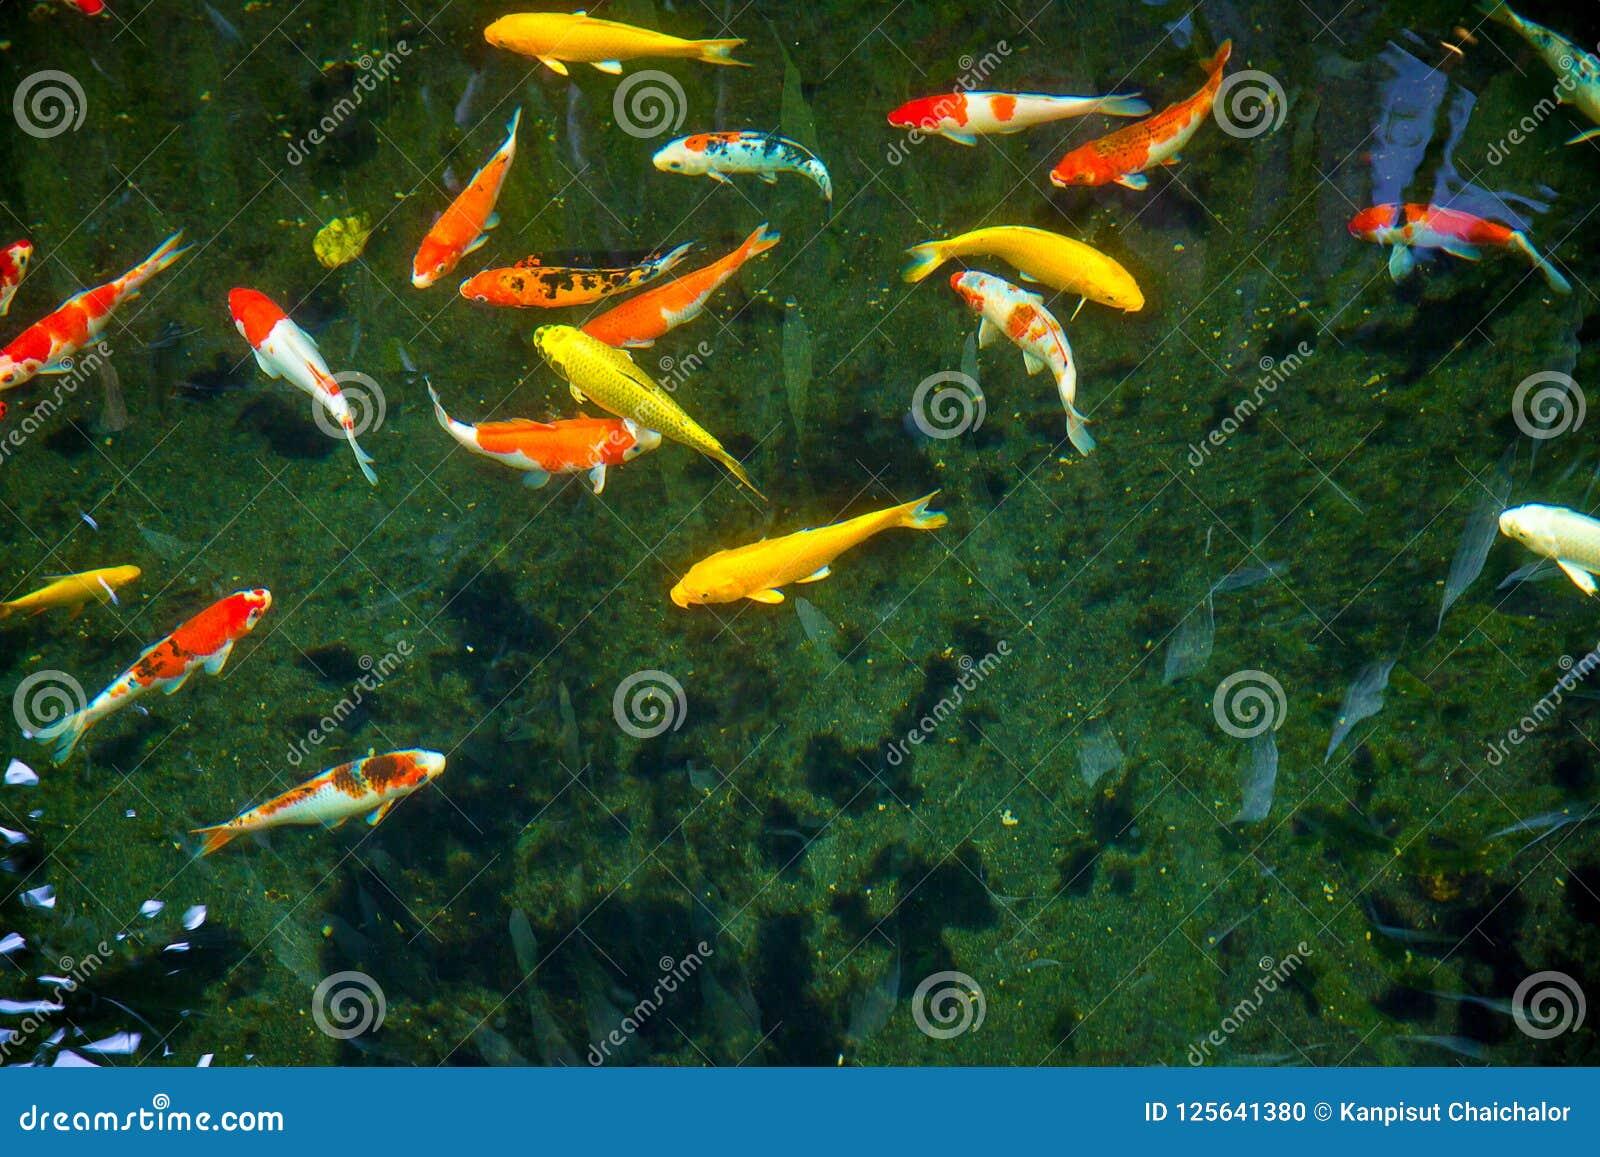 Kleurrijk Buitensporig Koi Fish met zwarte achtergrond kan gebruik zijn aan achtergrond, behang, screensaver, exemplaar-ruimte, t